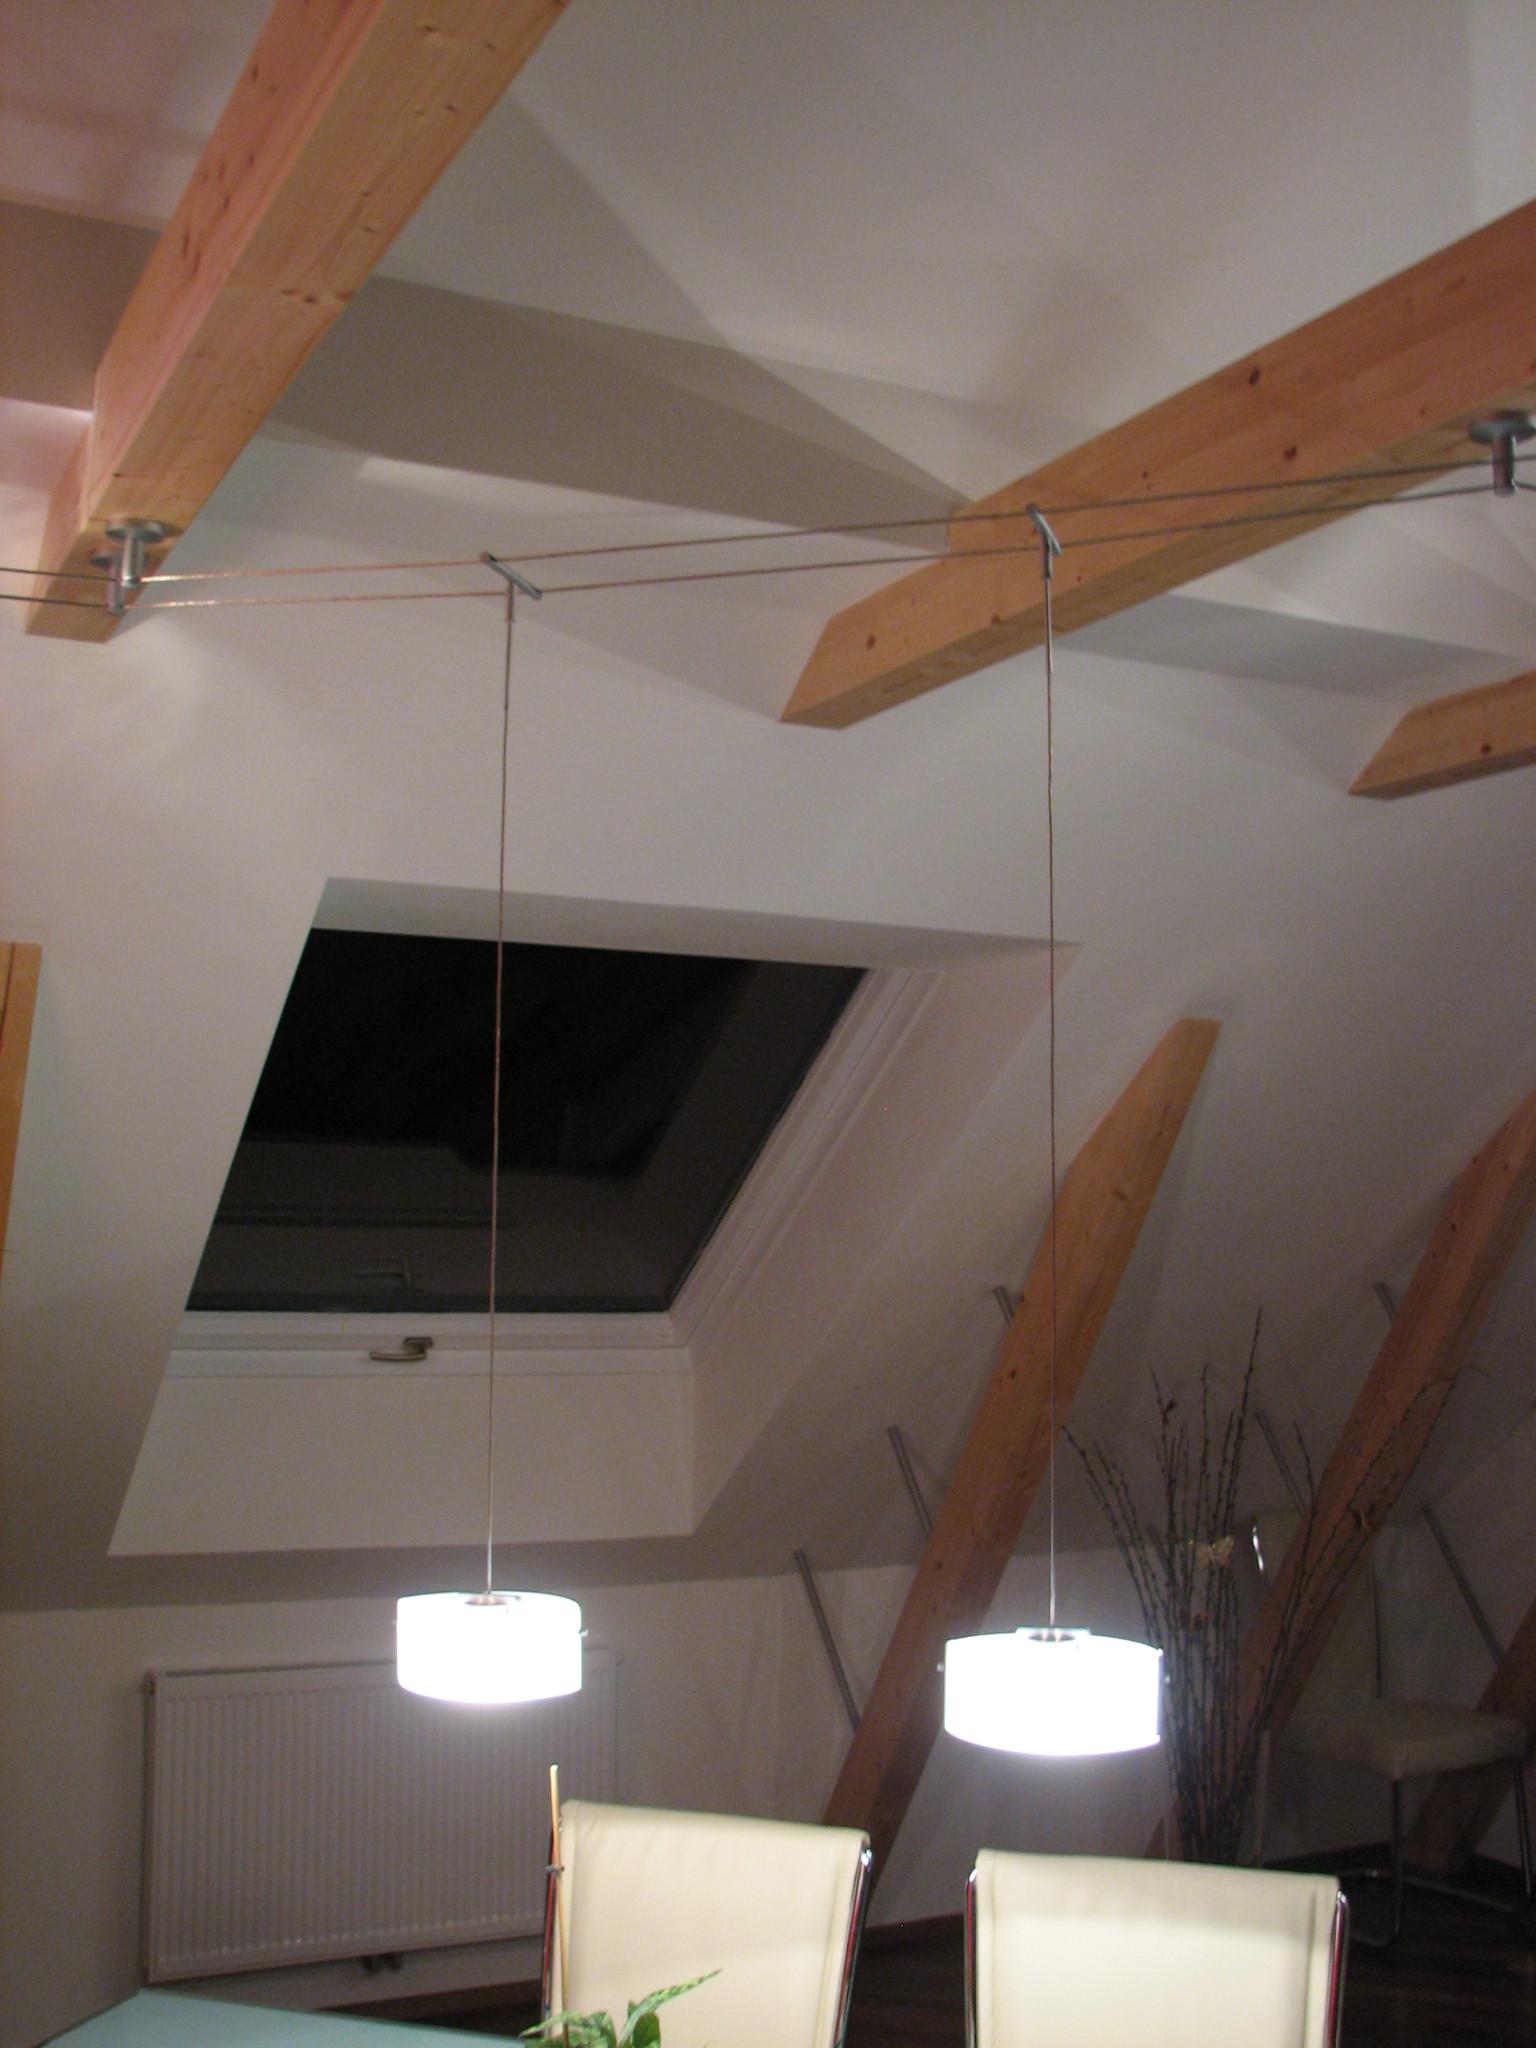 Seilsysteme Beleuchtung  Schienen und Seilsysteme